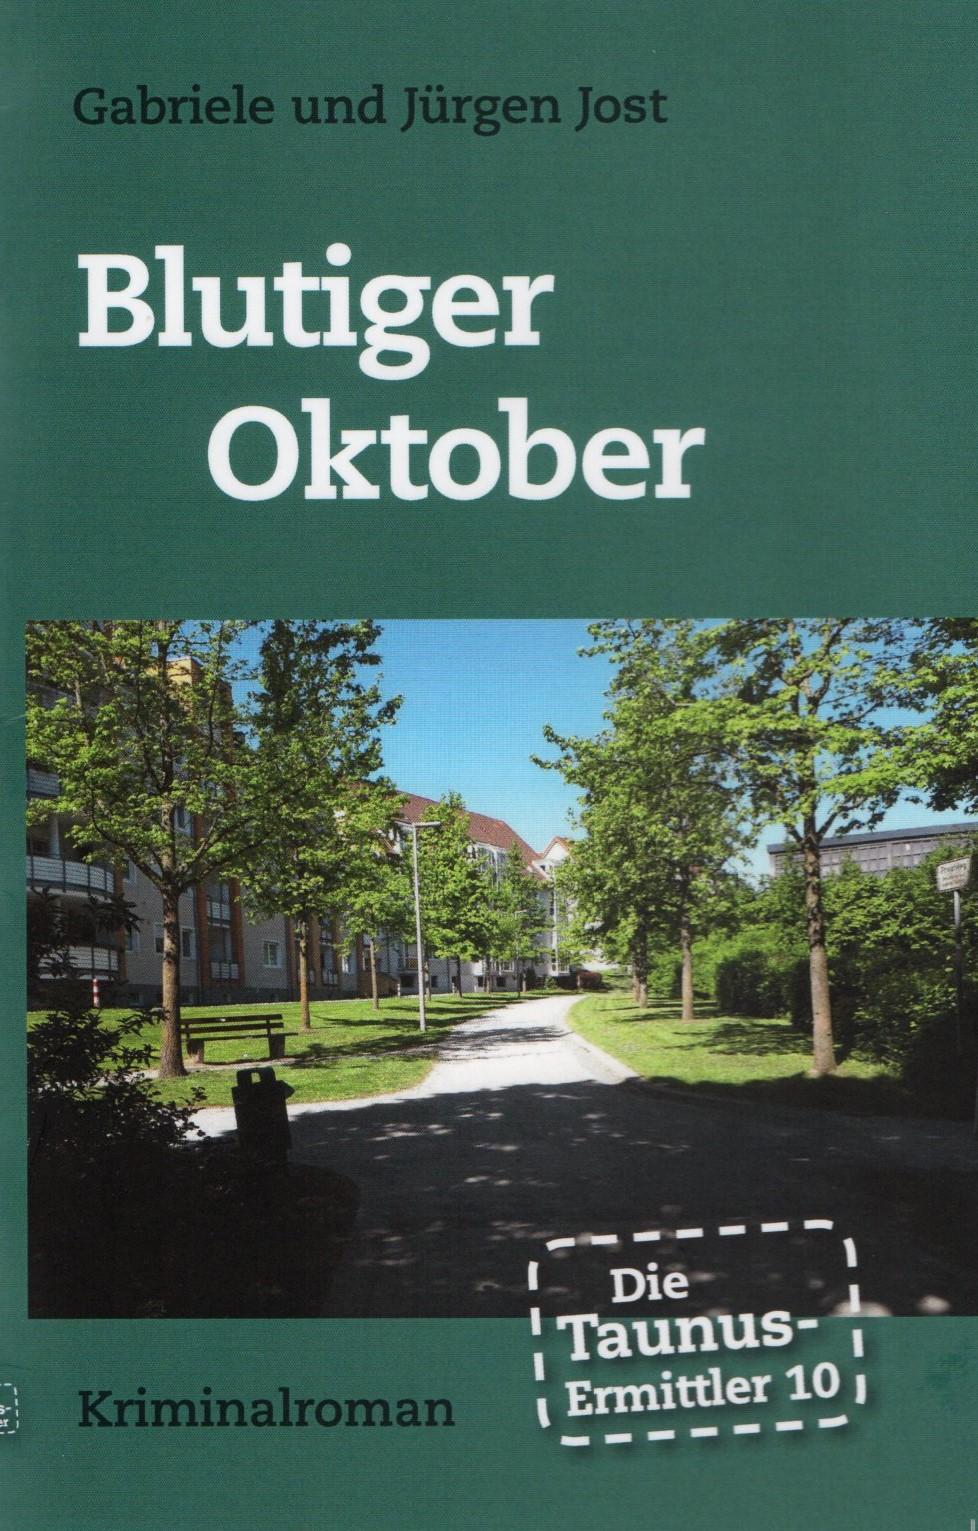 Die Taunus-Ermittler (Band 10) - Blutiger Oktober